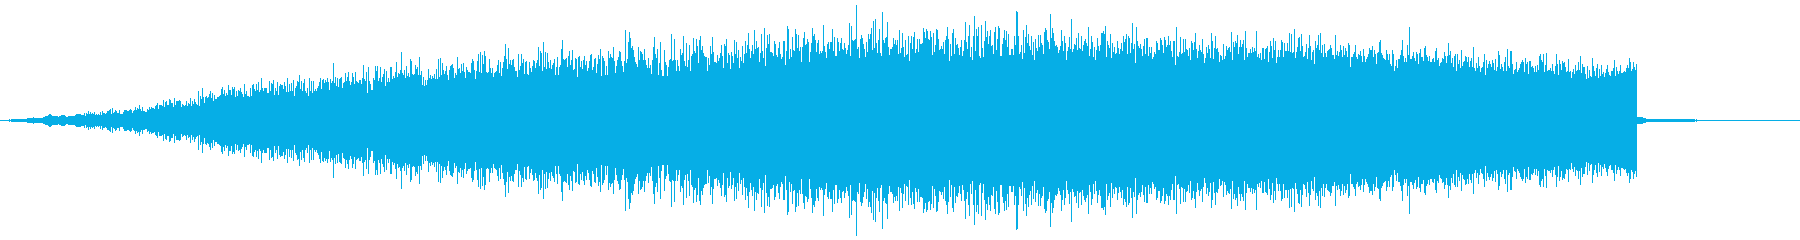 【映画・シネマティック】ライザー_02の再生済みの波形